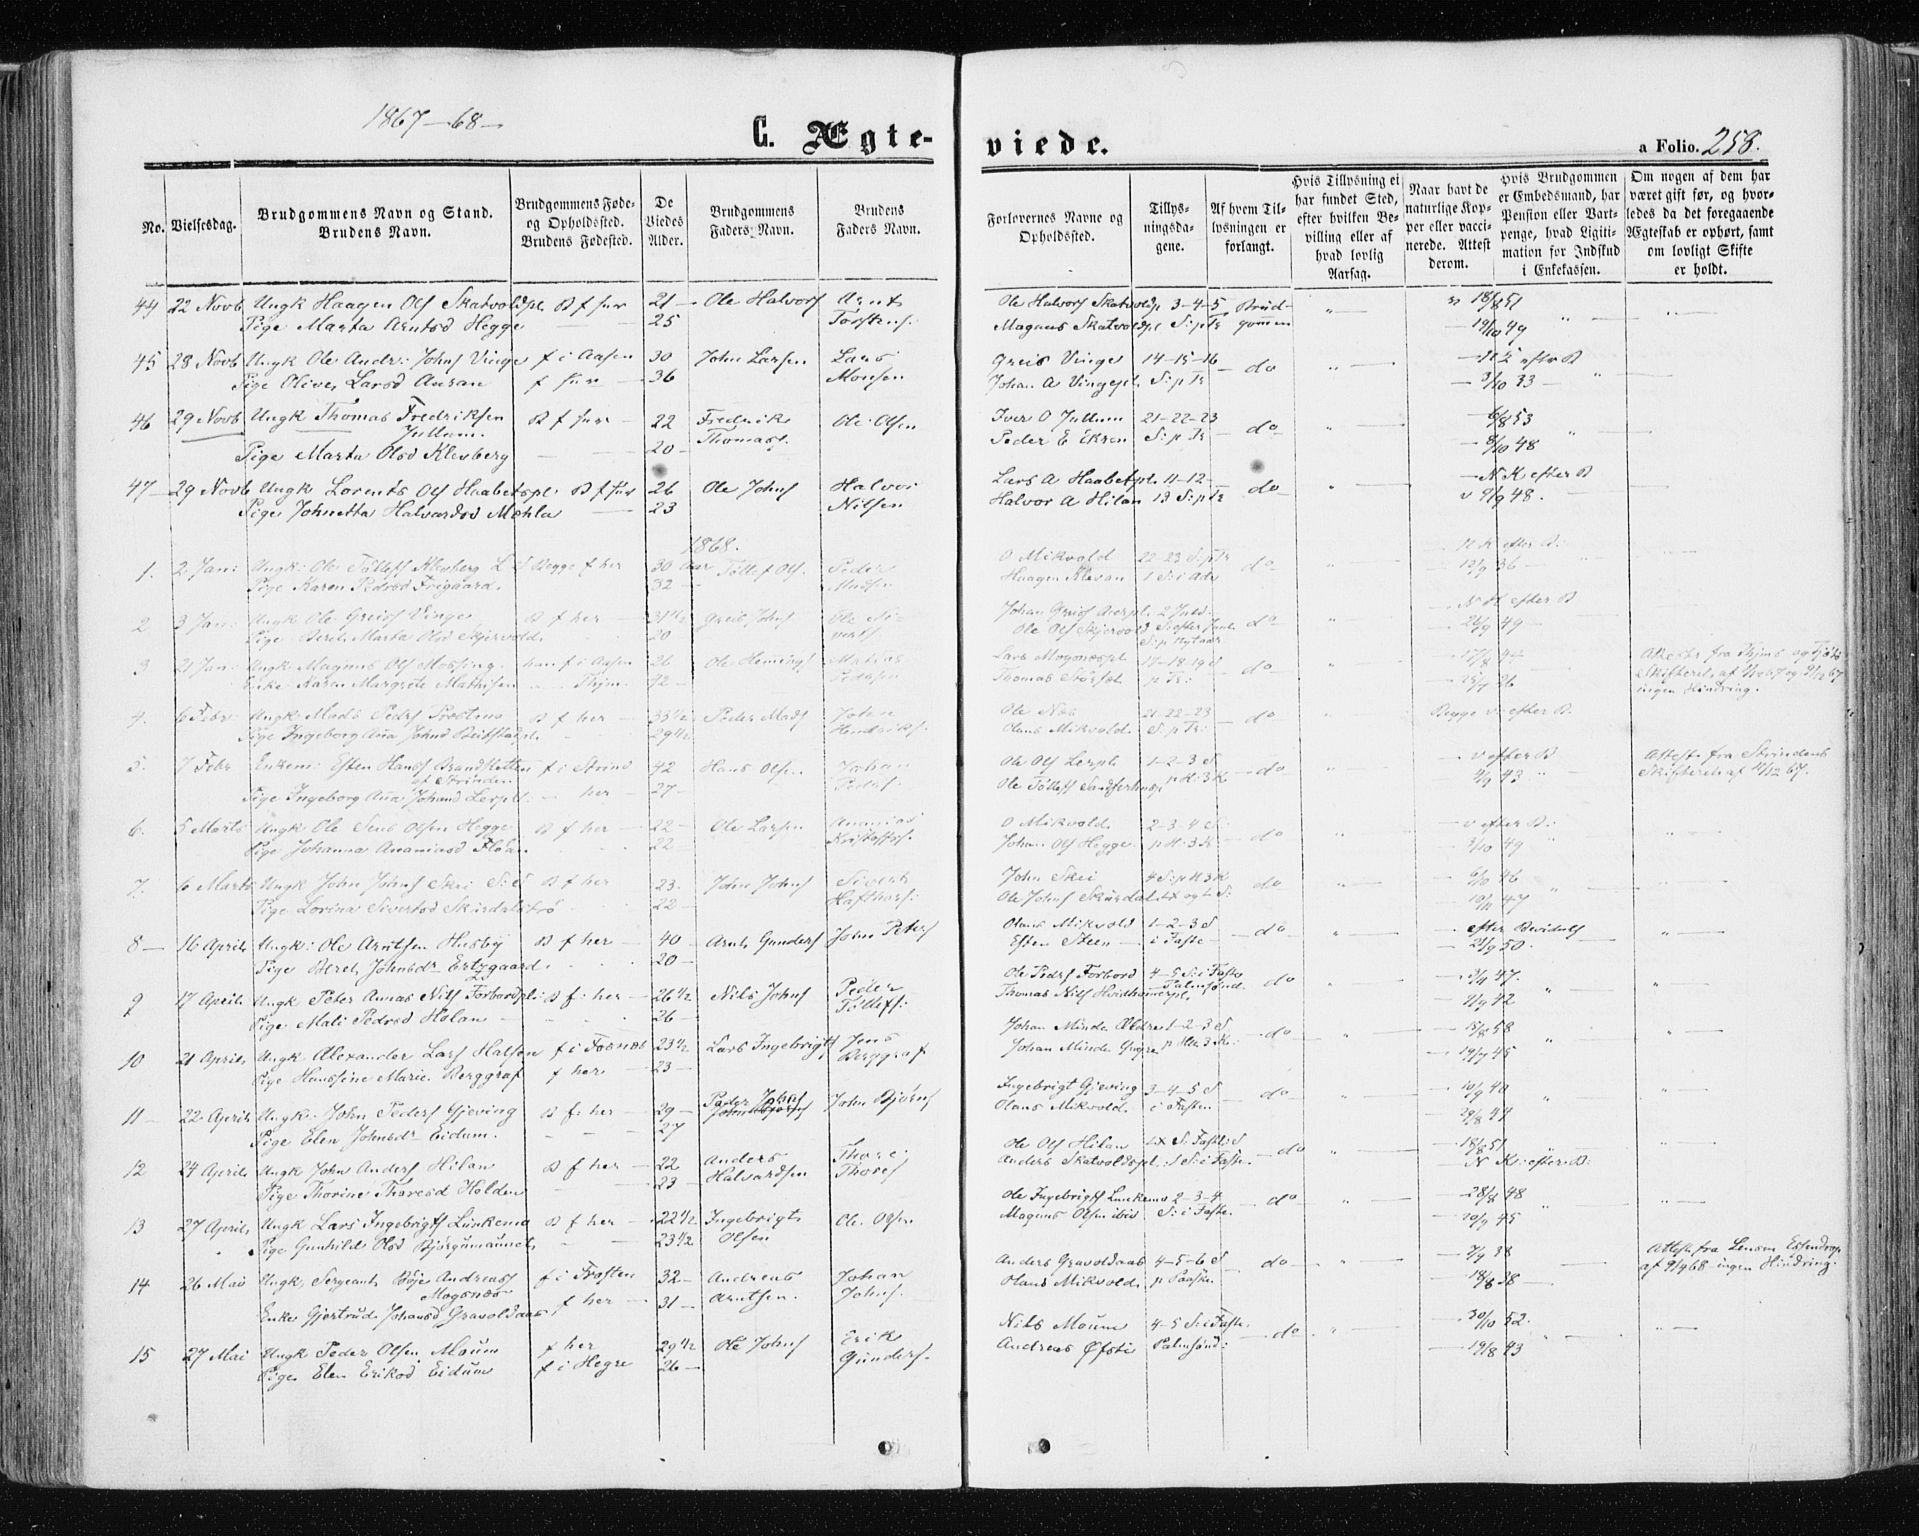 SAT, Ministerialprotokoller, klokkerbøker og fødselsregistre - Nord-Trøndelag, 709/L0075: Ministerialbok nr. 709A15, 1859-1870, s. 258